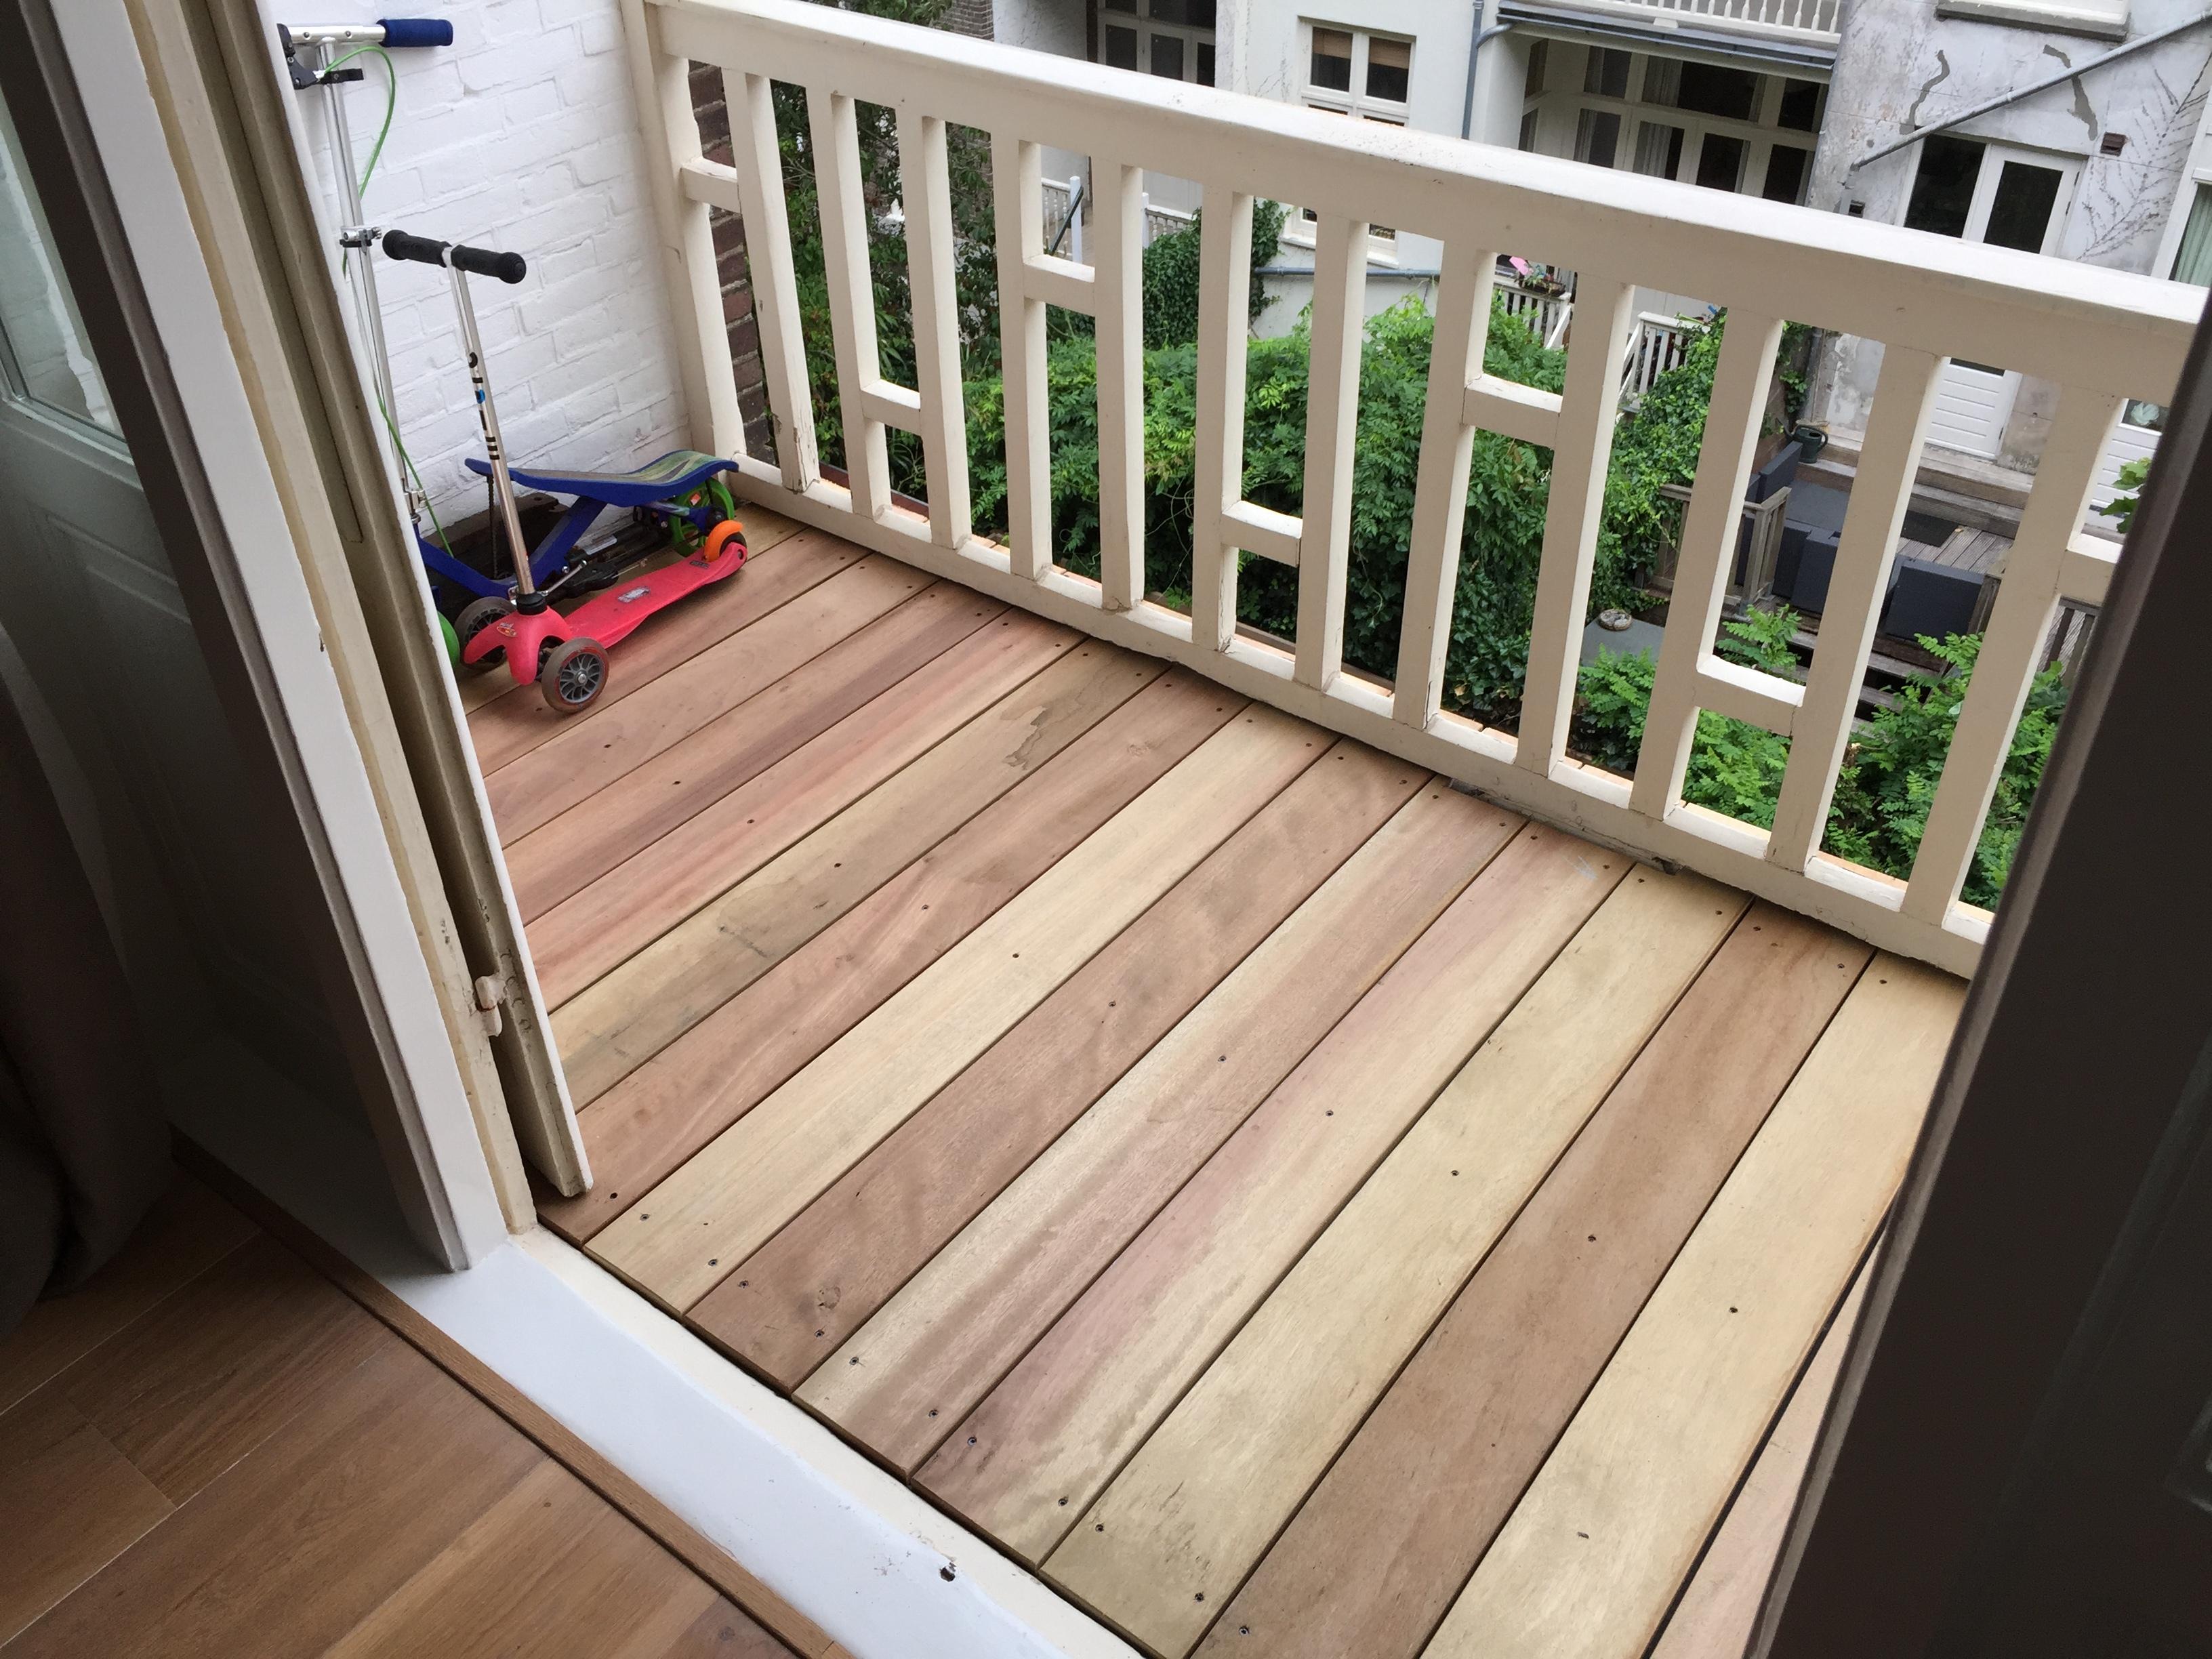 Vloer Voor Balkon : Hout op balkon voordemakers